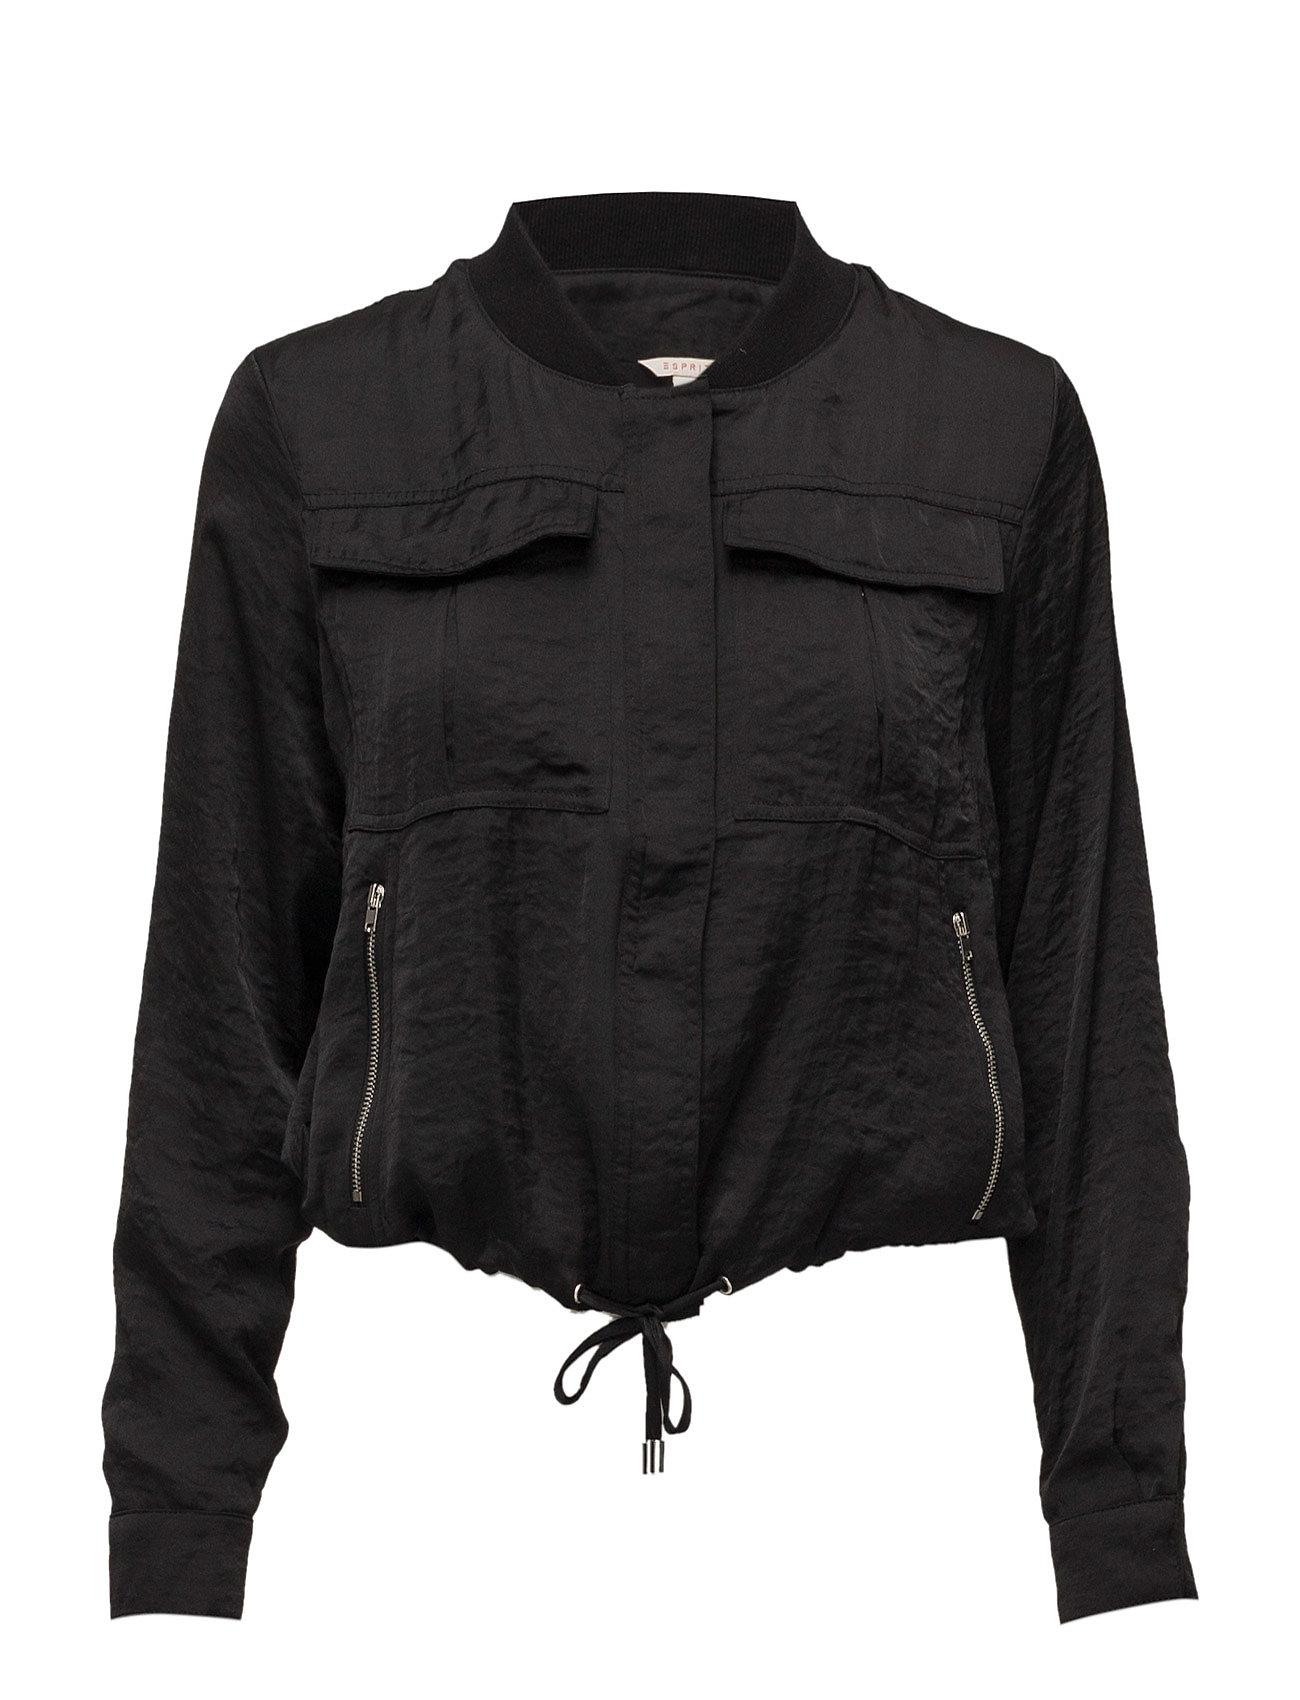 Esprit Casual Jackets indoor woven